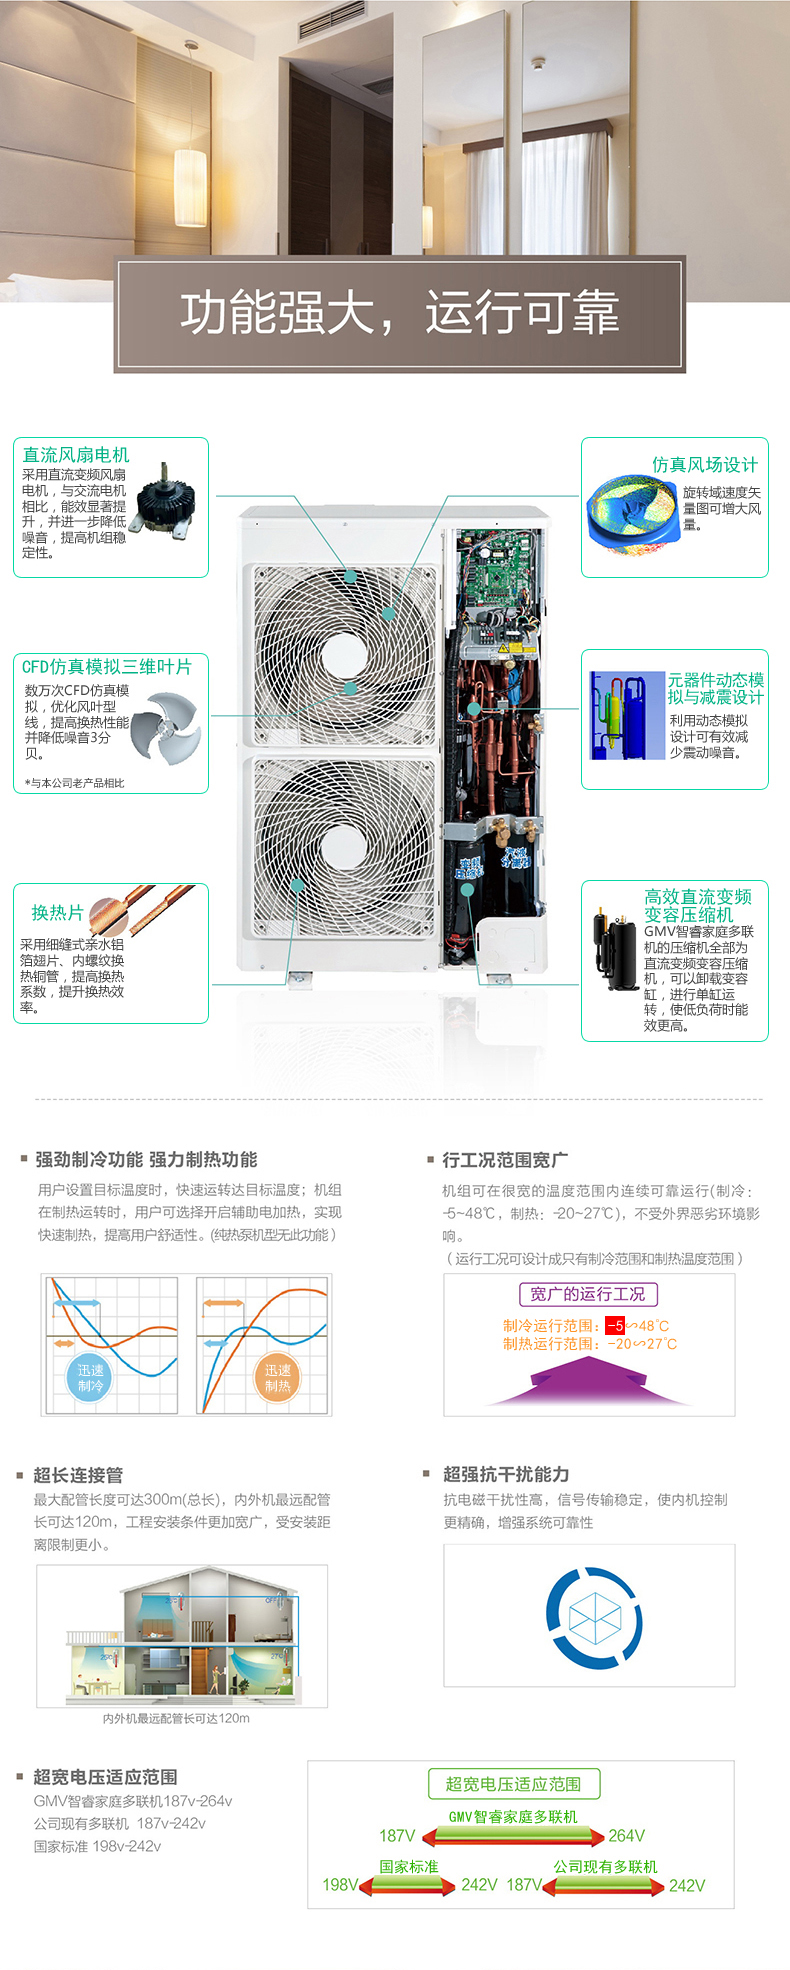 格力中央空调GMV-智睿家用多联机